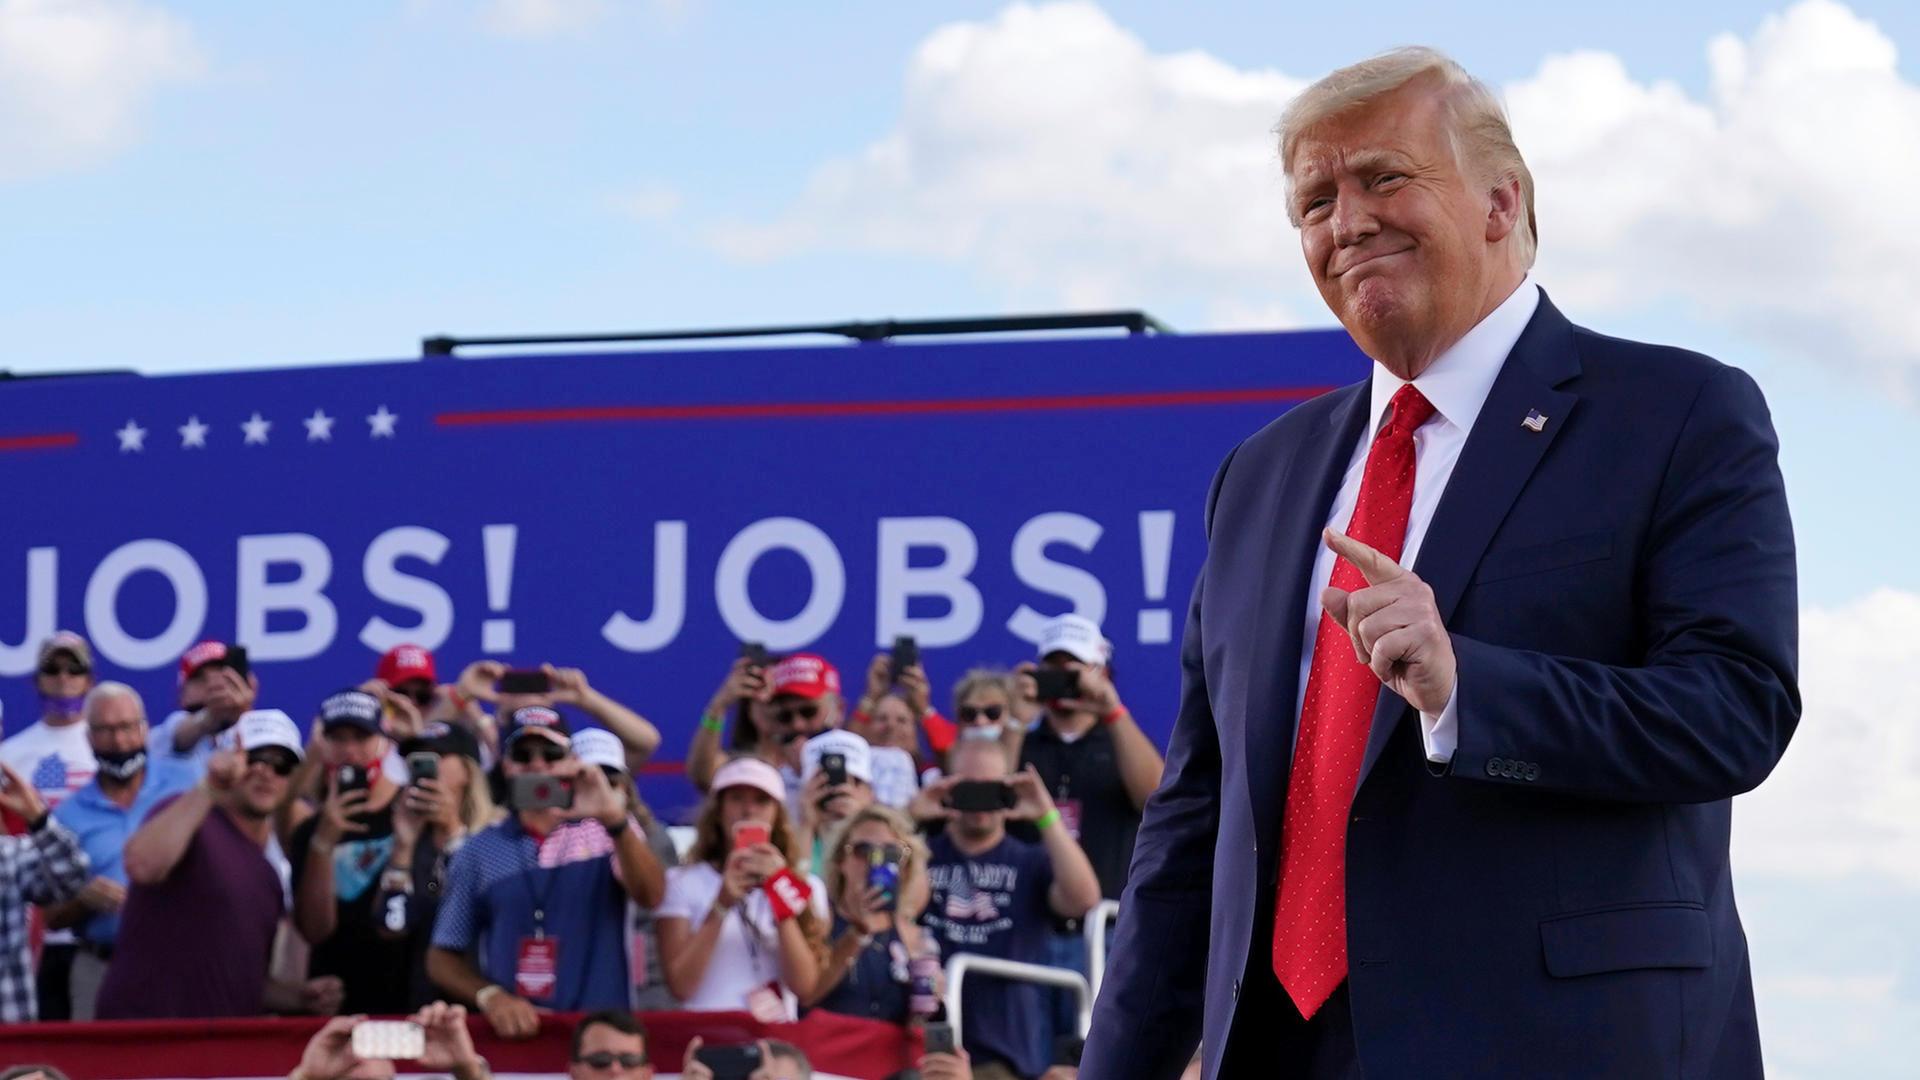 Demokratenkonvention beginnt - Trump ist aggressiv